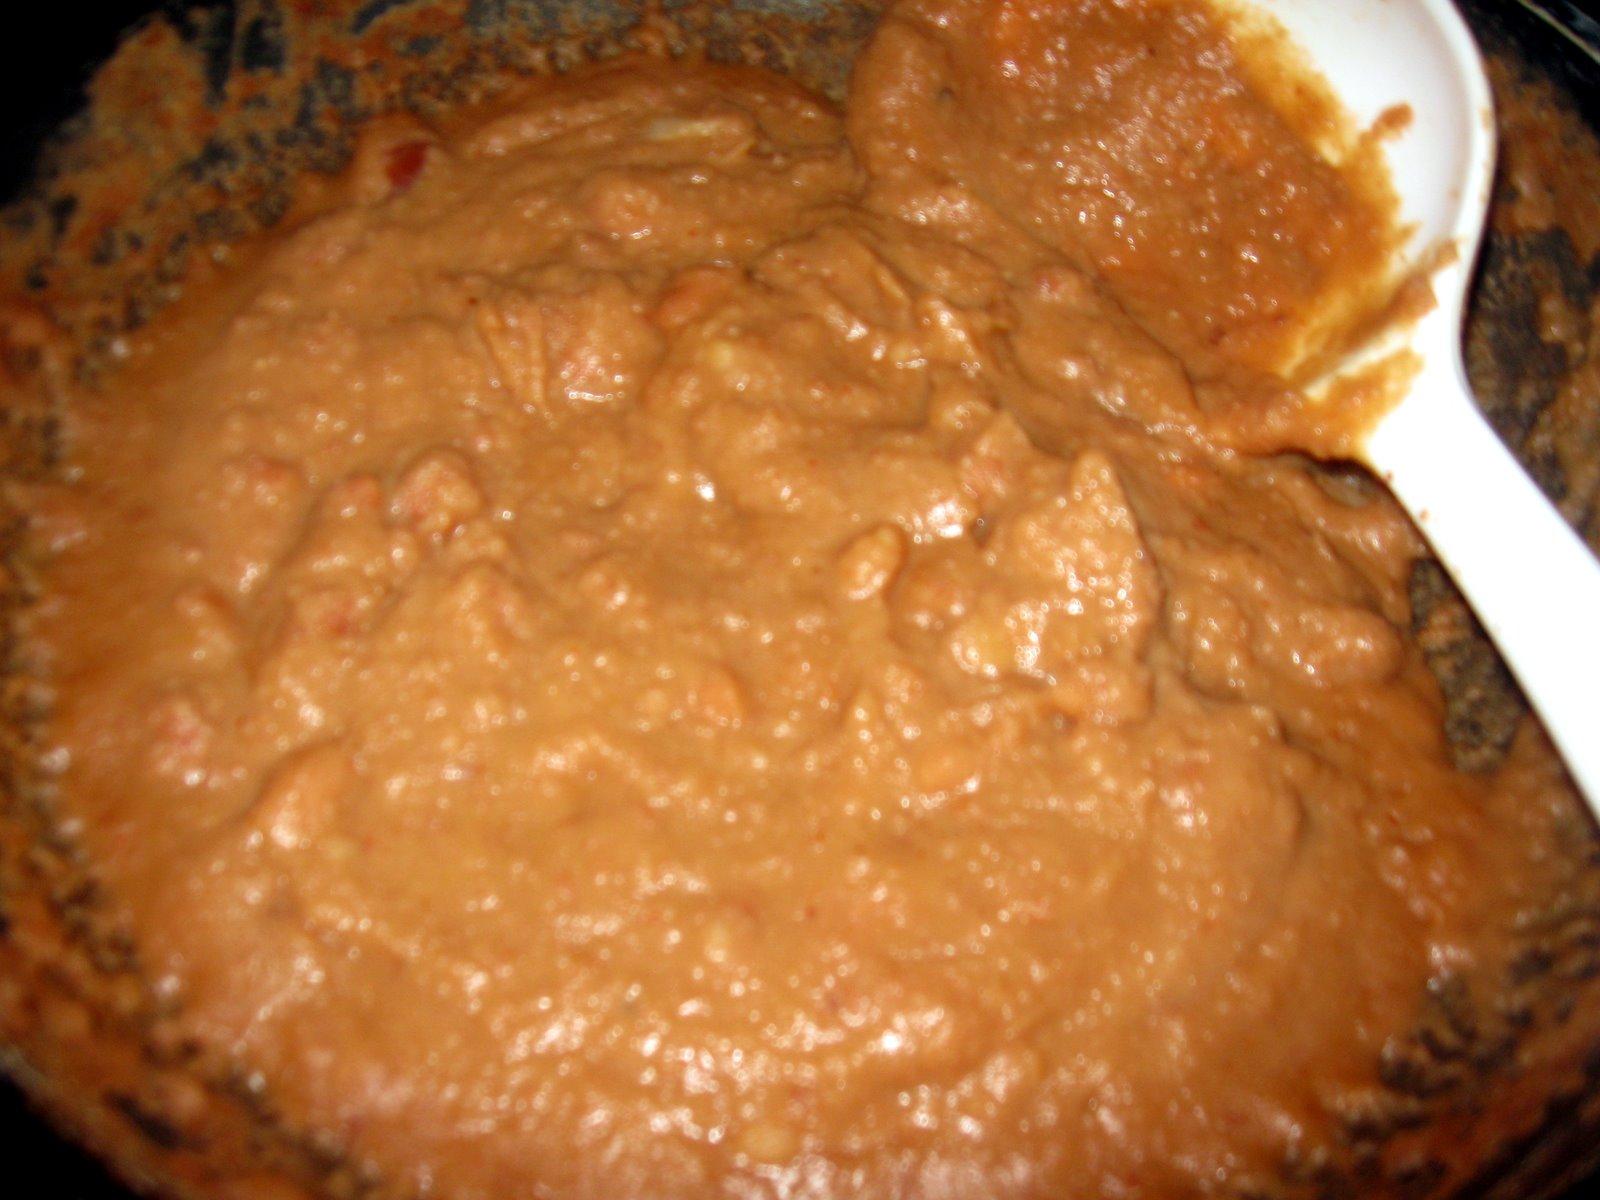 ... Family / Comida Sana Familia Sana: Refried Beans / Frijoles Refritos